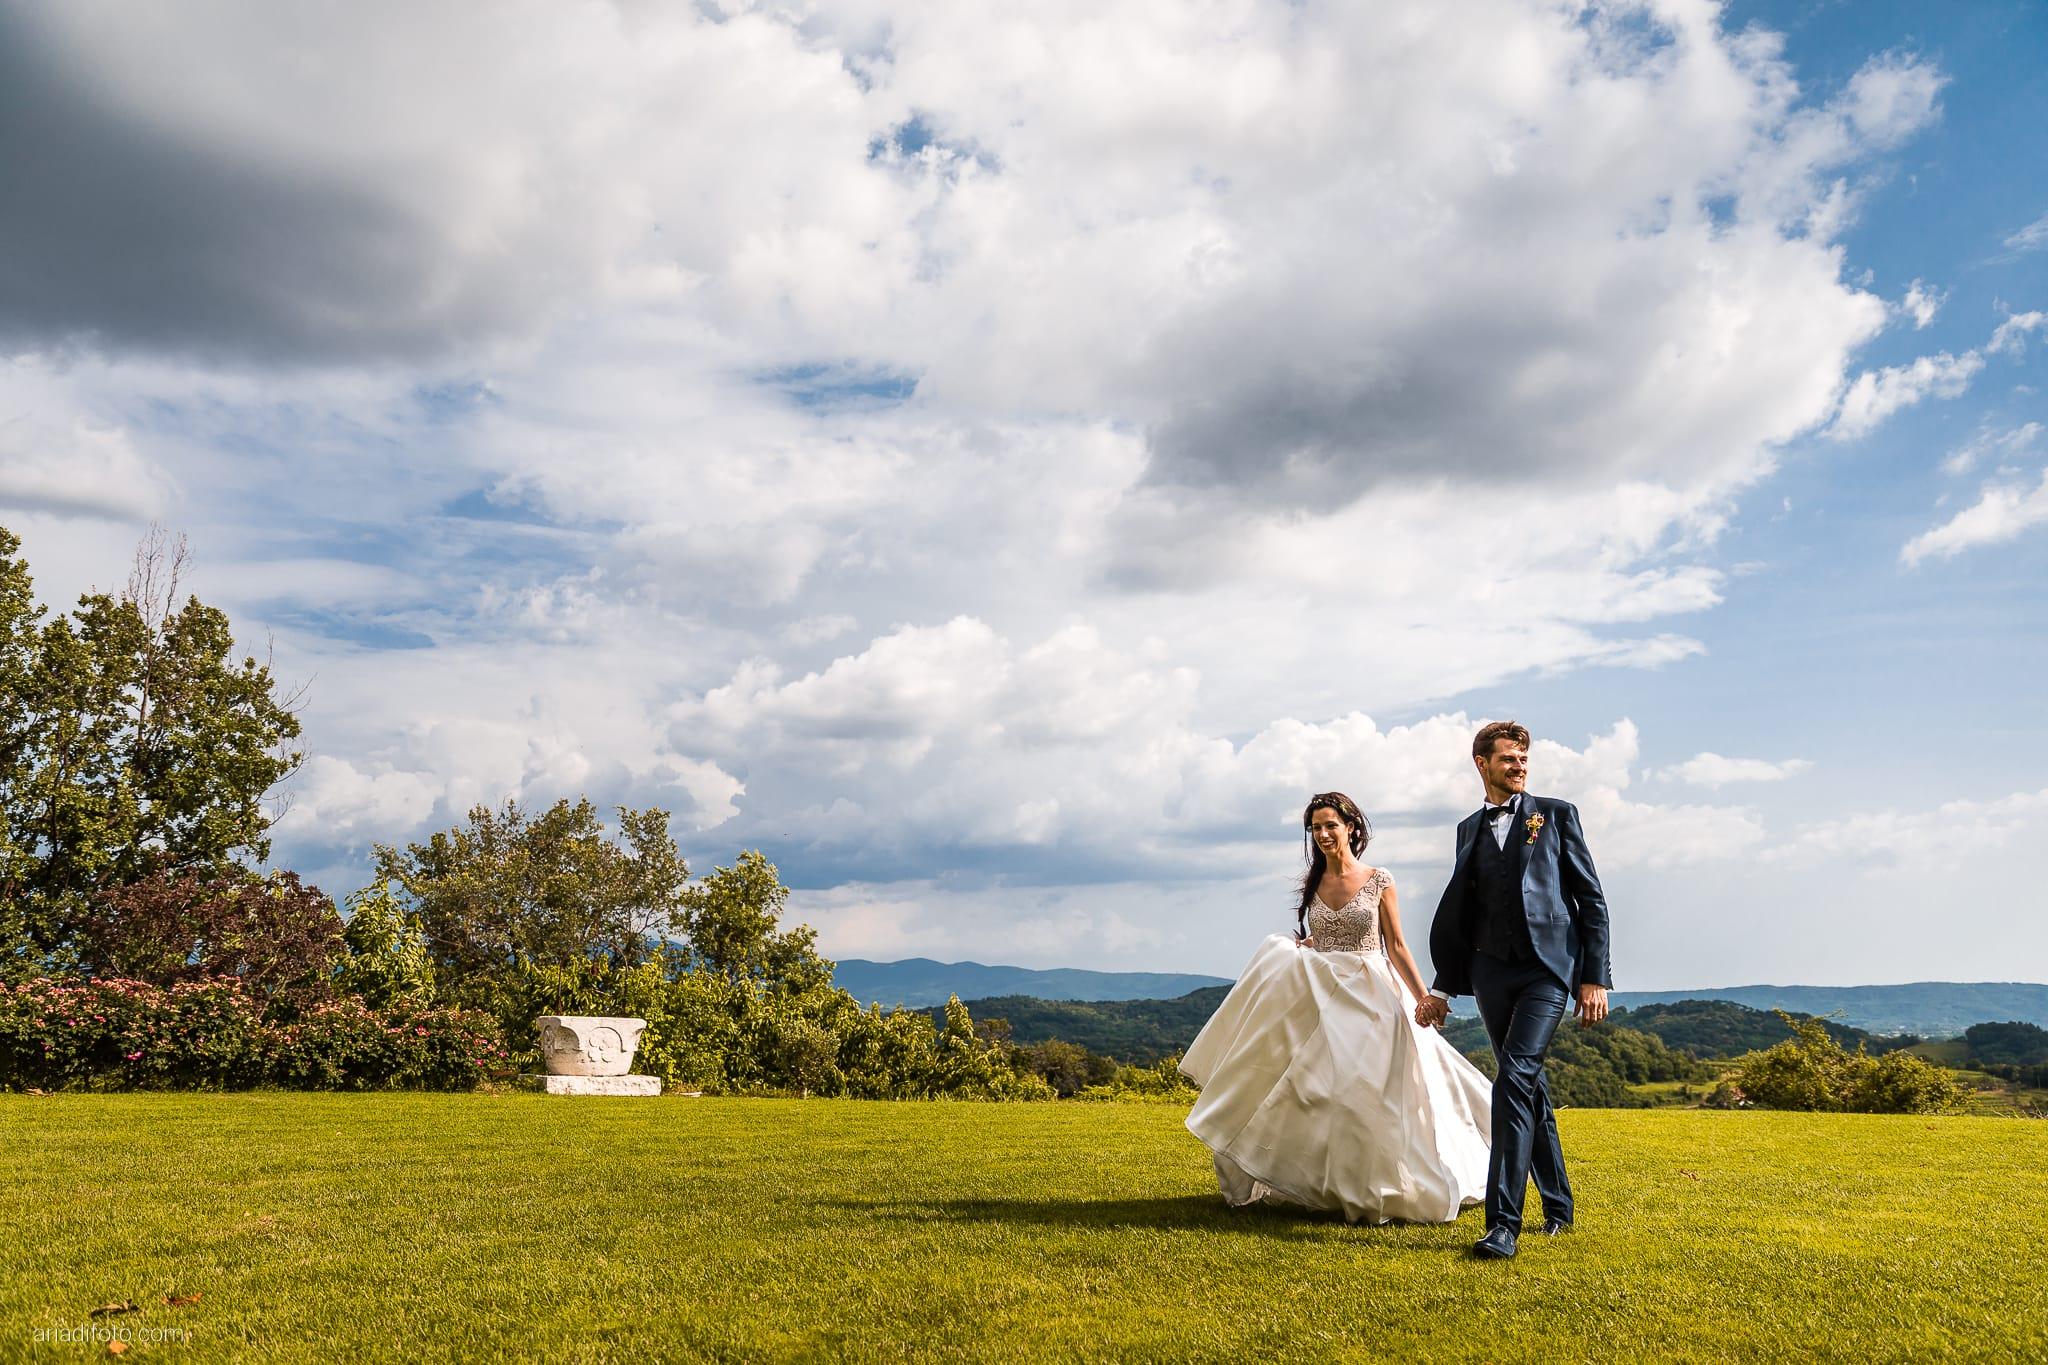 Giorgia Davide Matrimonio Muggia Trieste Baronesse Tacco San Floriano Del Collio Gorizia ritratti sposi